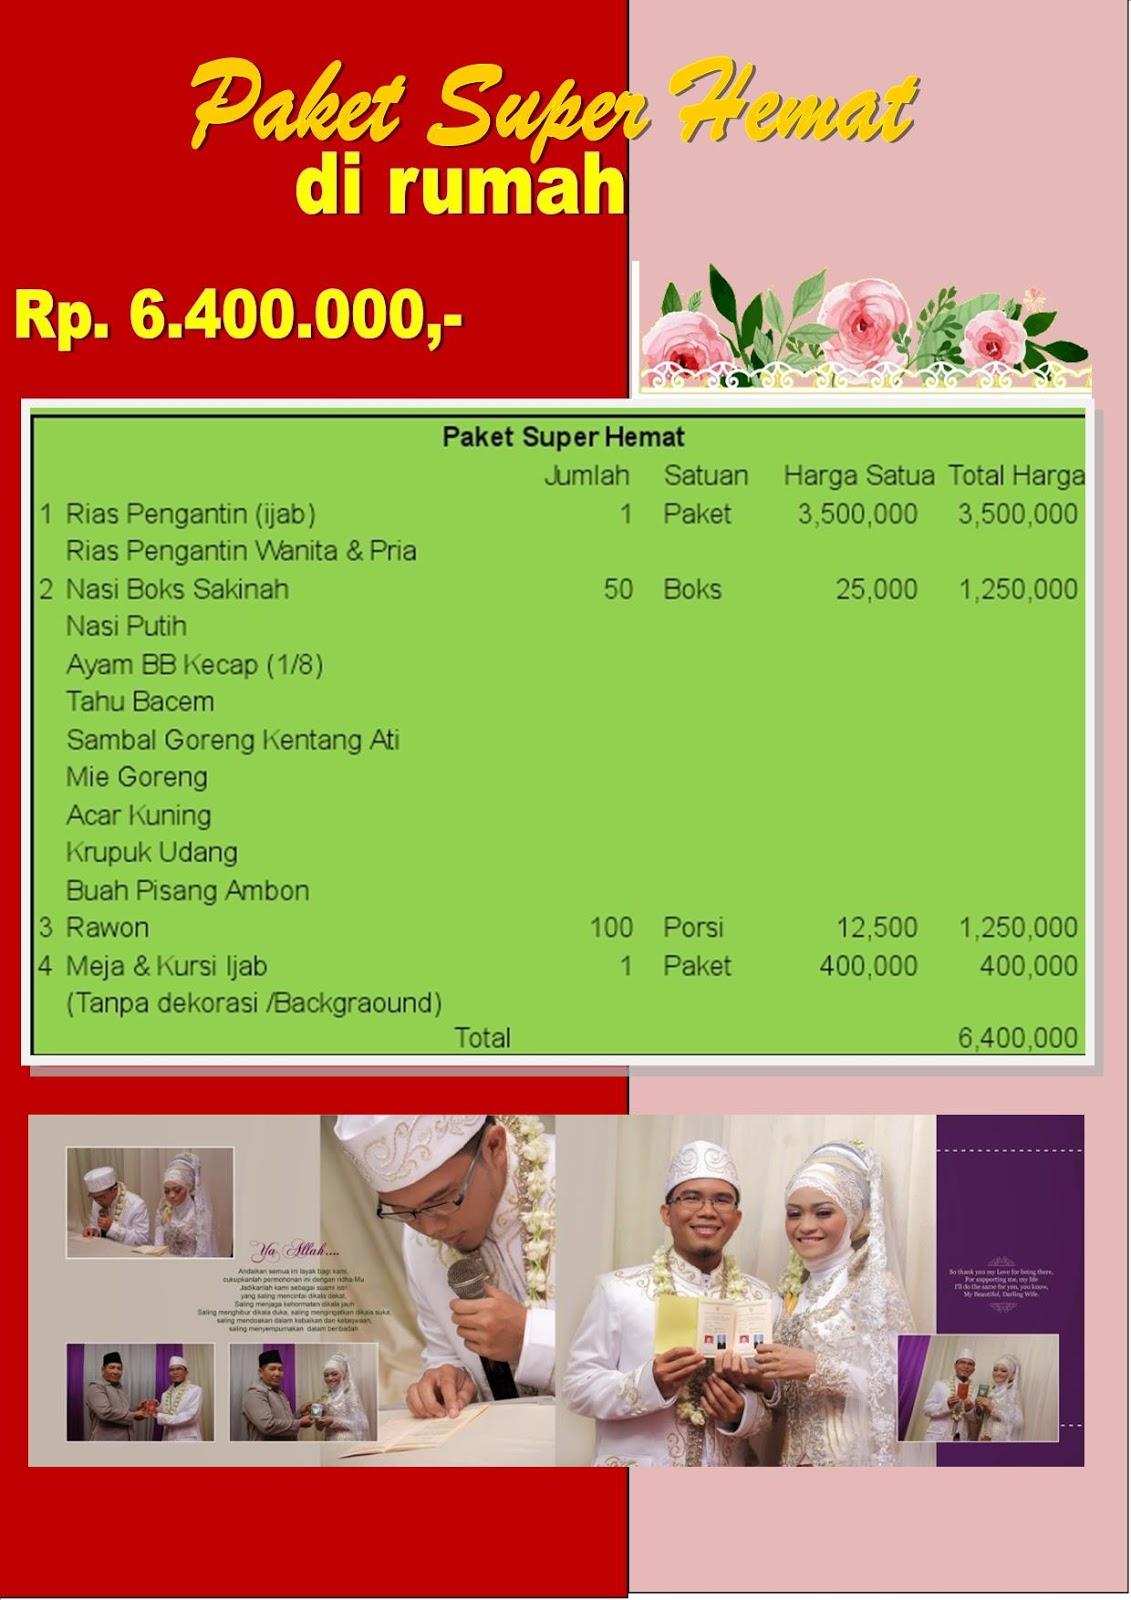 Paket Pernikahan Temanggung Paket Wedding Temanggung Paket Pernikahan Syar I Temanggung Paket Pernikahan Super Murah Temanggung